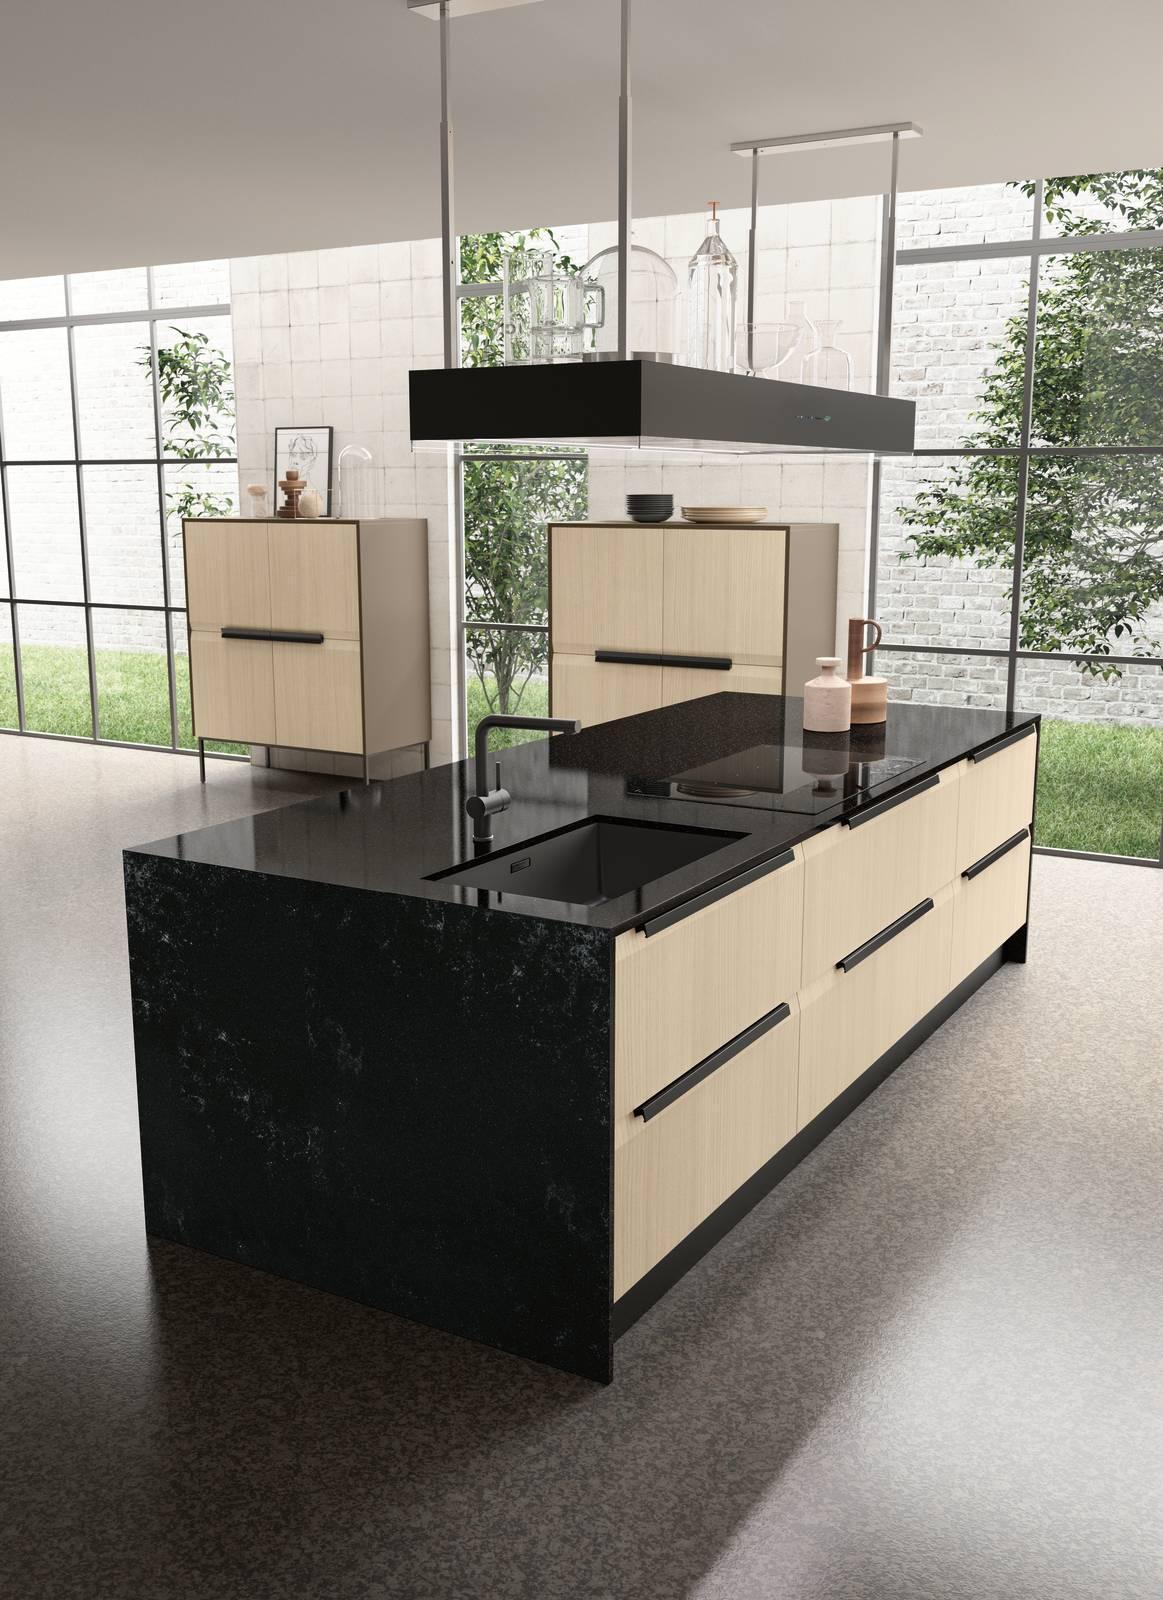 Effetto marmo o pietra per il piano cucina - Cose di Casa